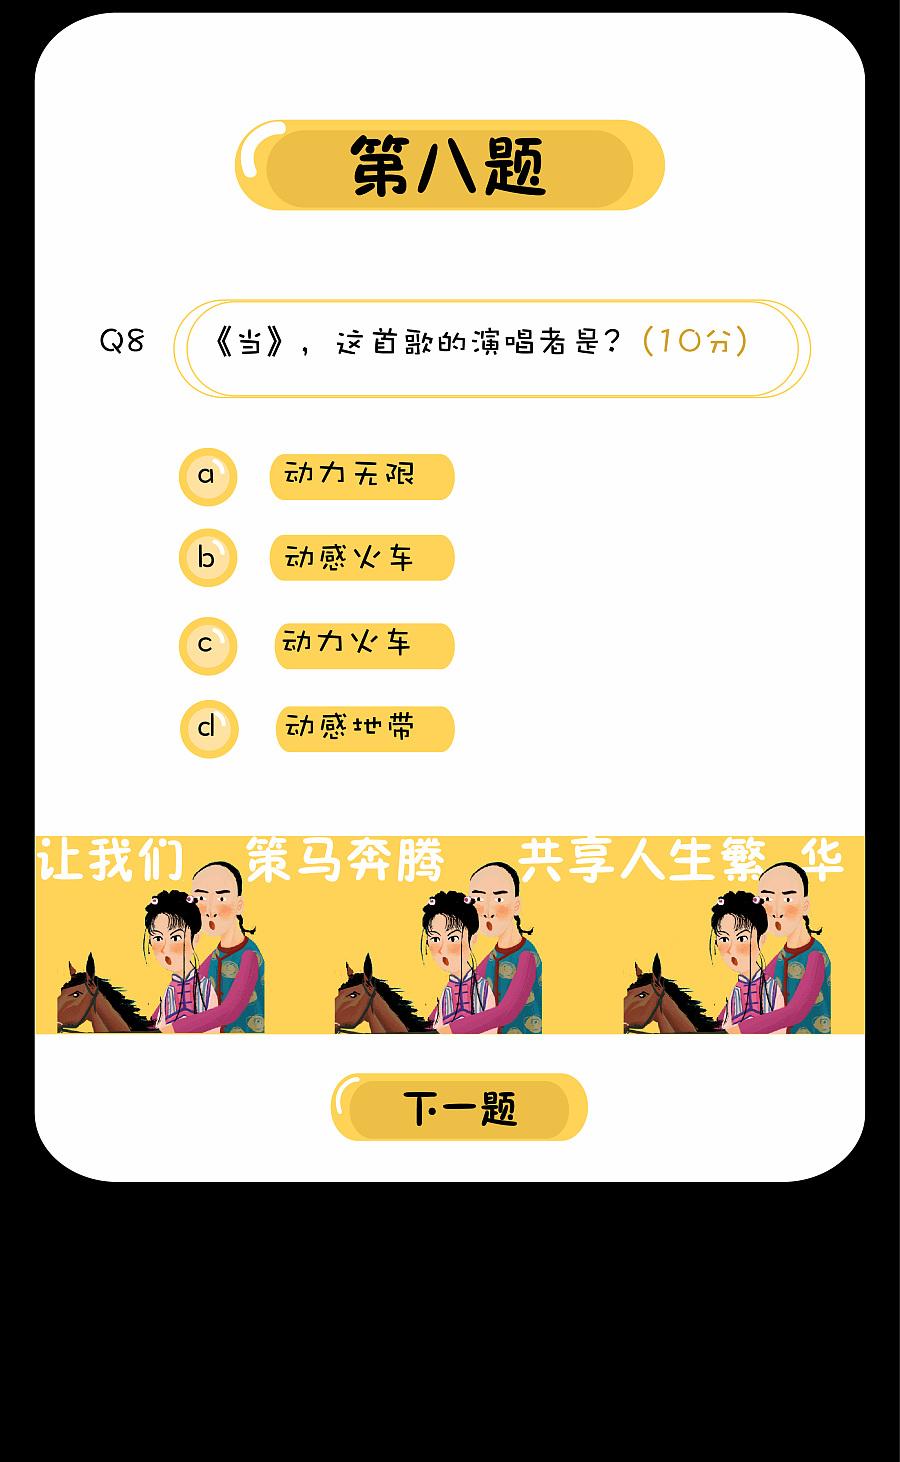 答题小游戏H5|移动端\/H5|网页|多加葱花 - 原创